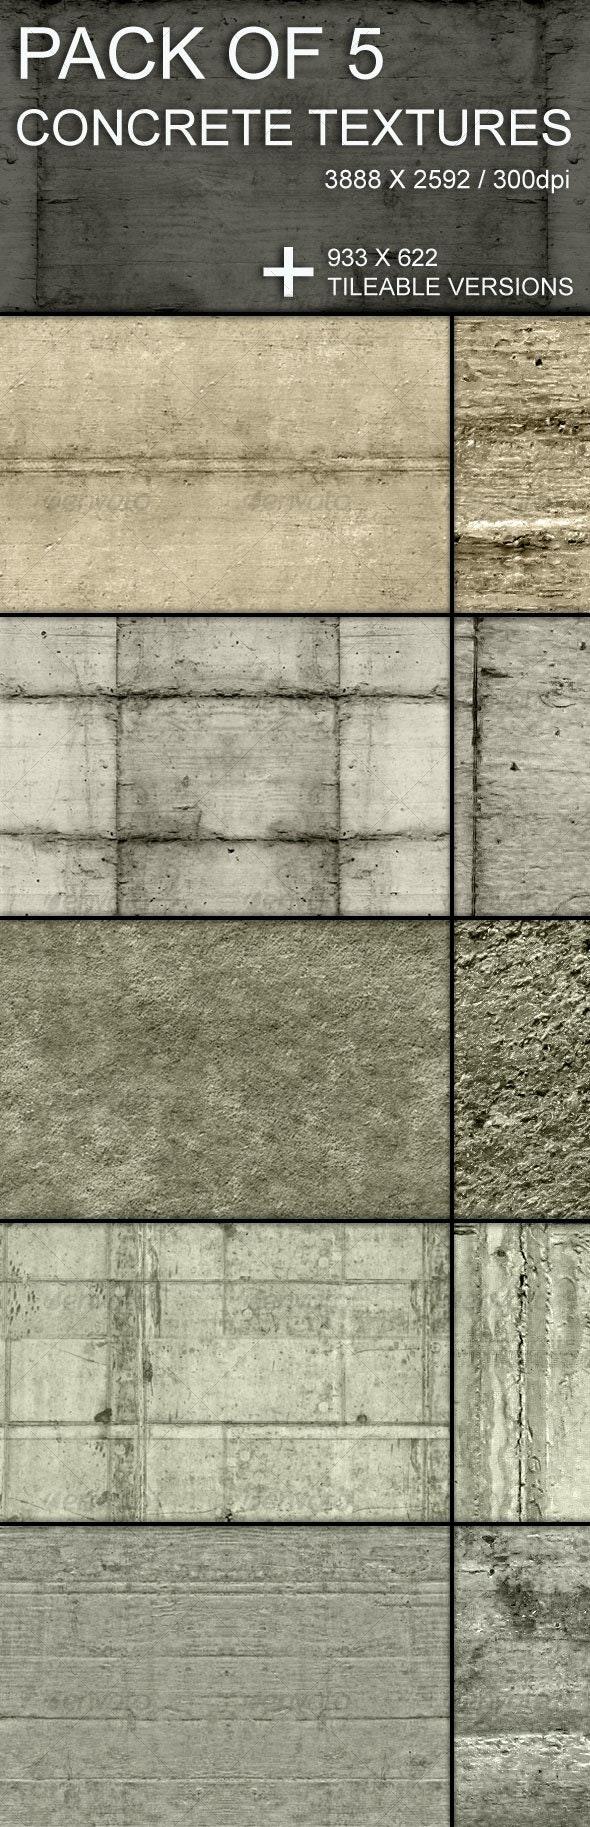 Tileable Concrete Textures Set - Concrete Textures